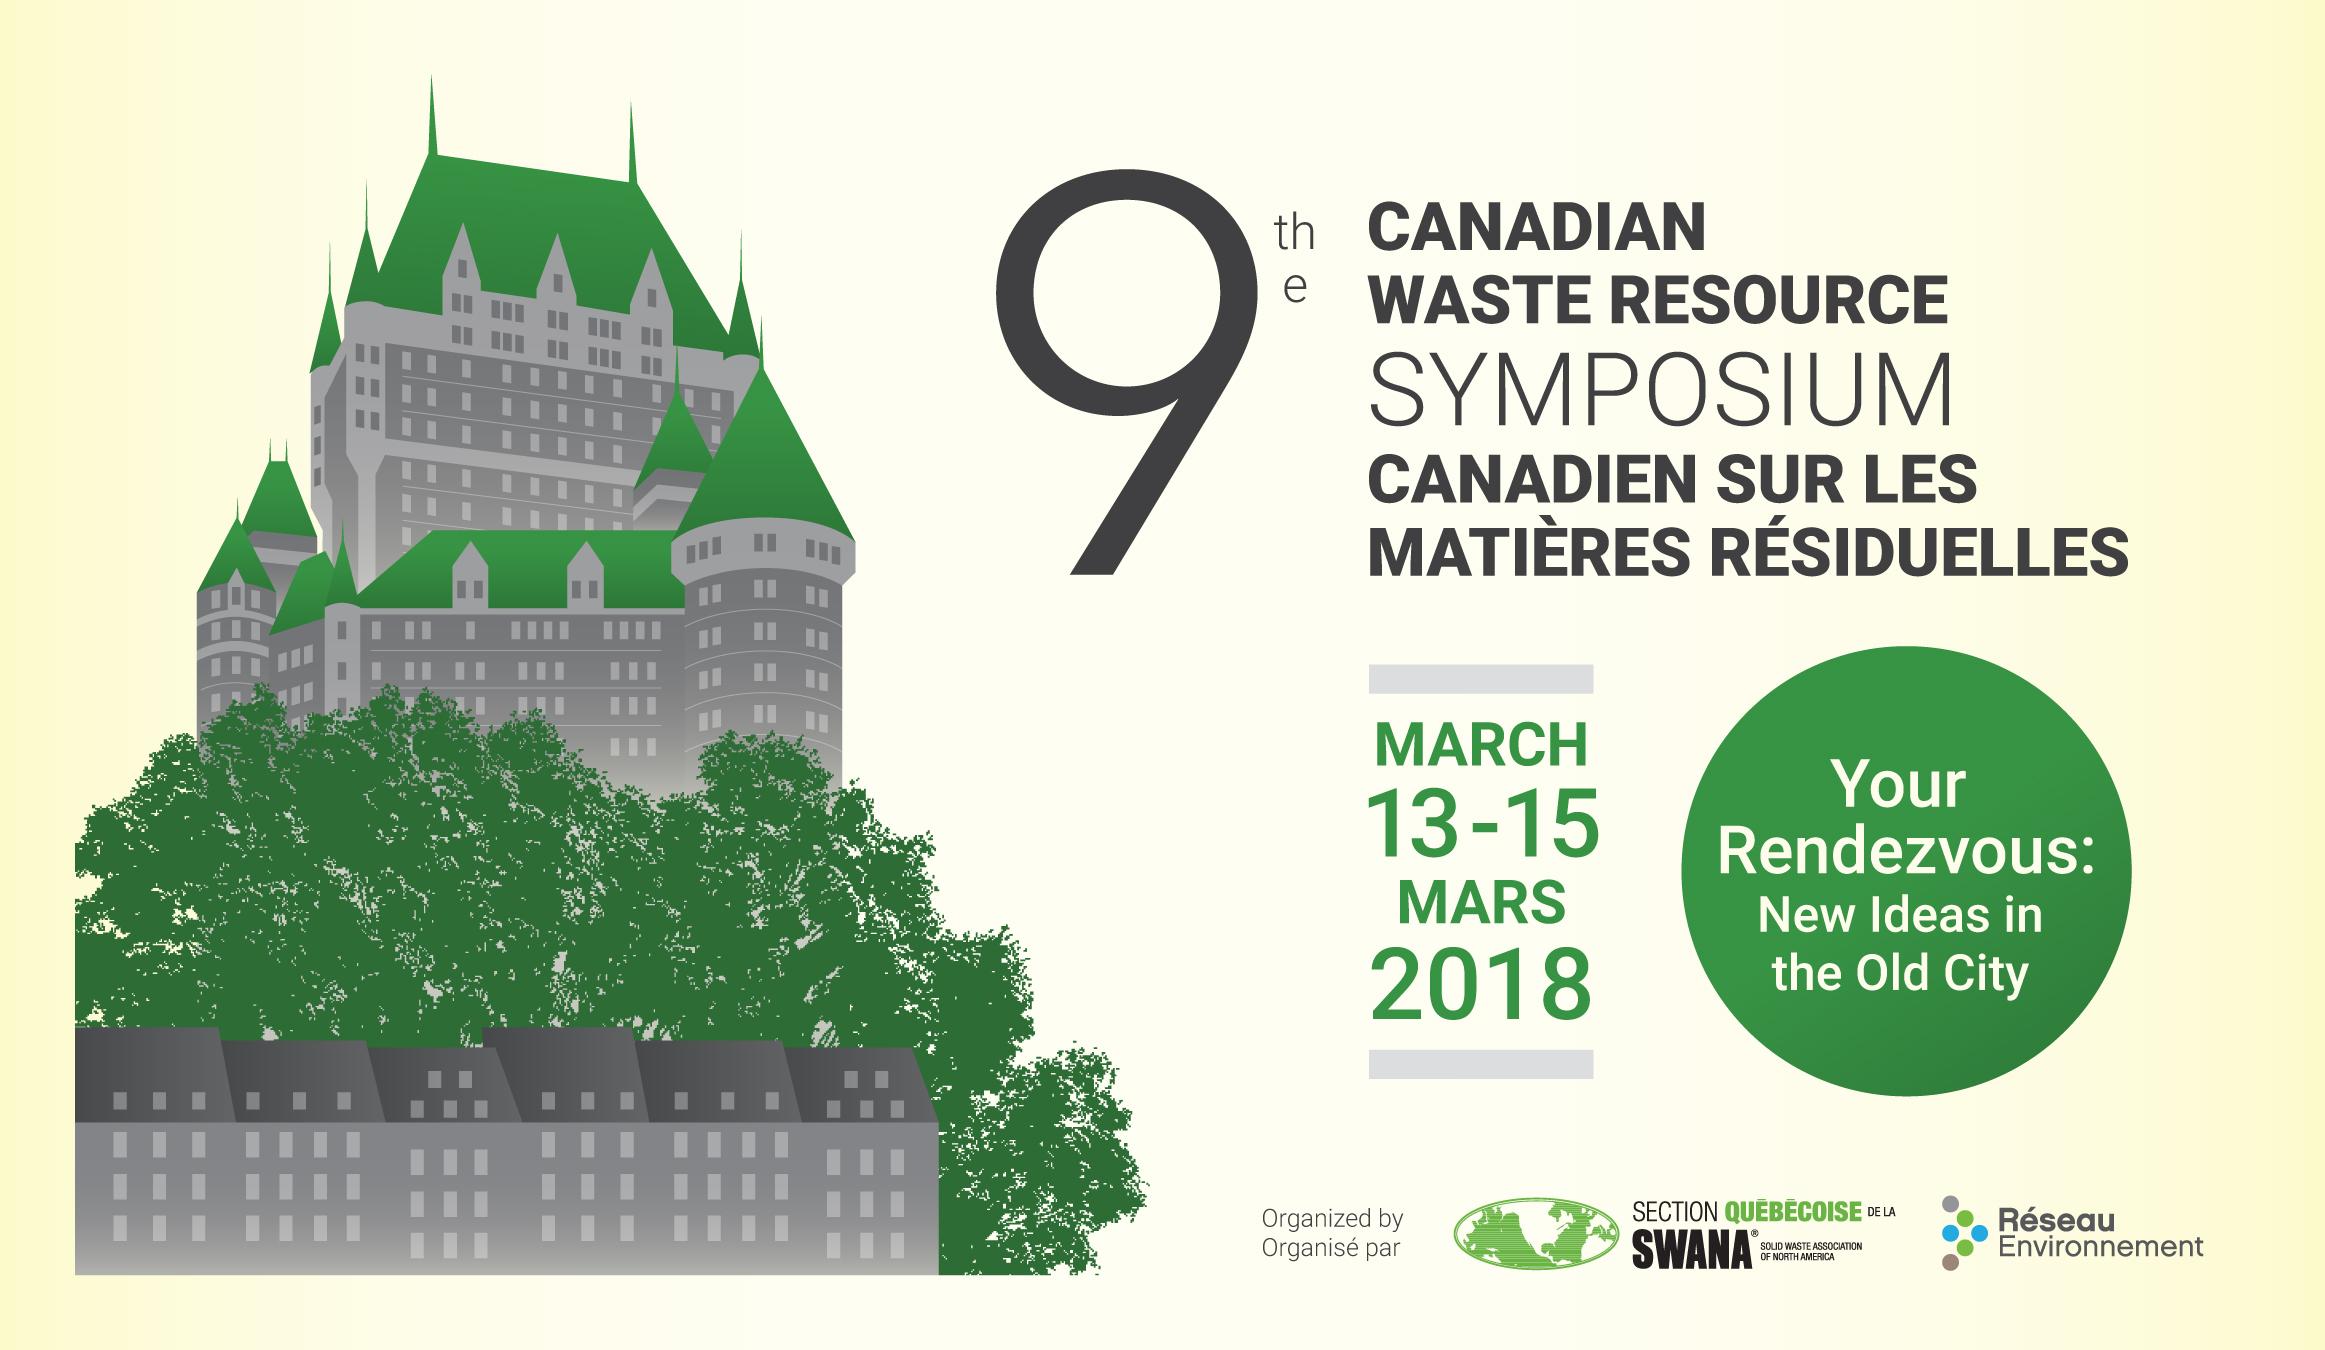 Symposium canadien sur les matières résiduelles par la Solid Waste Association of North America (SWANA)